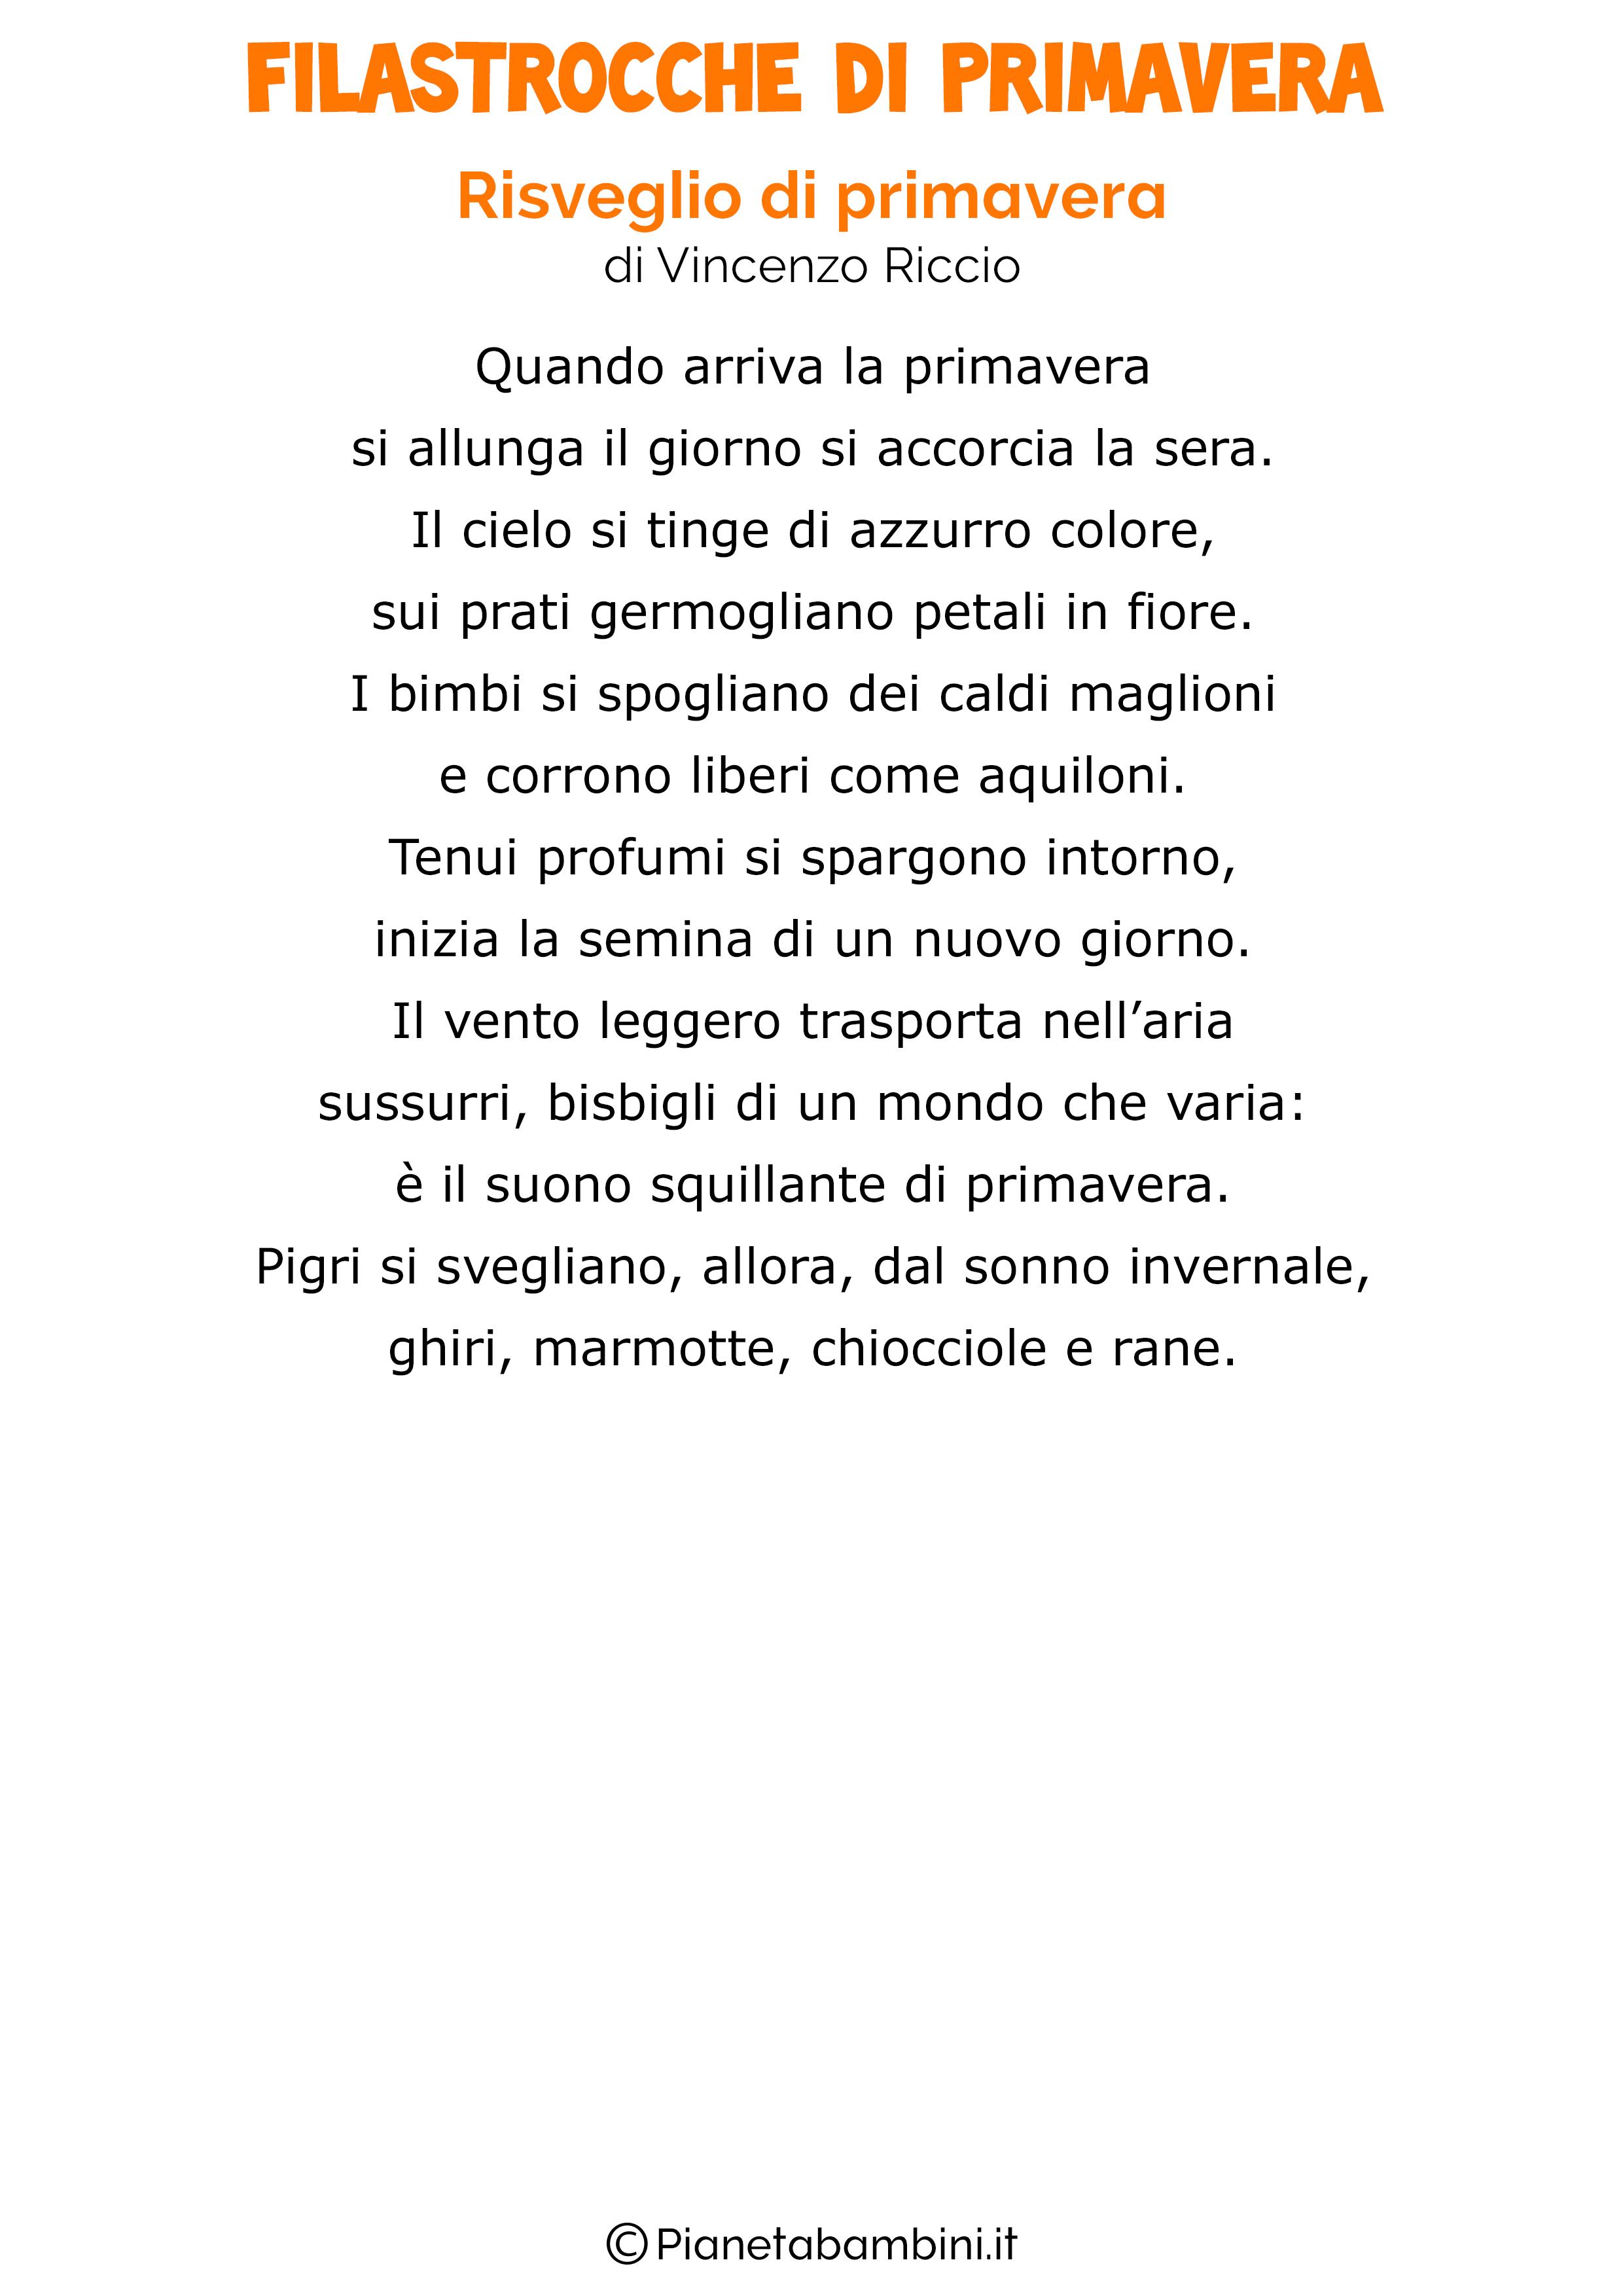 Risveglio-di-primavera-Vincenzo-Riccio